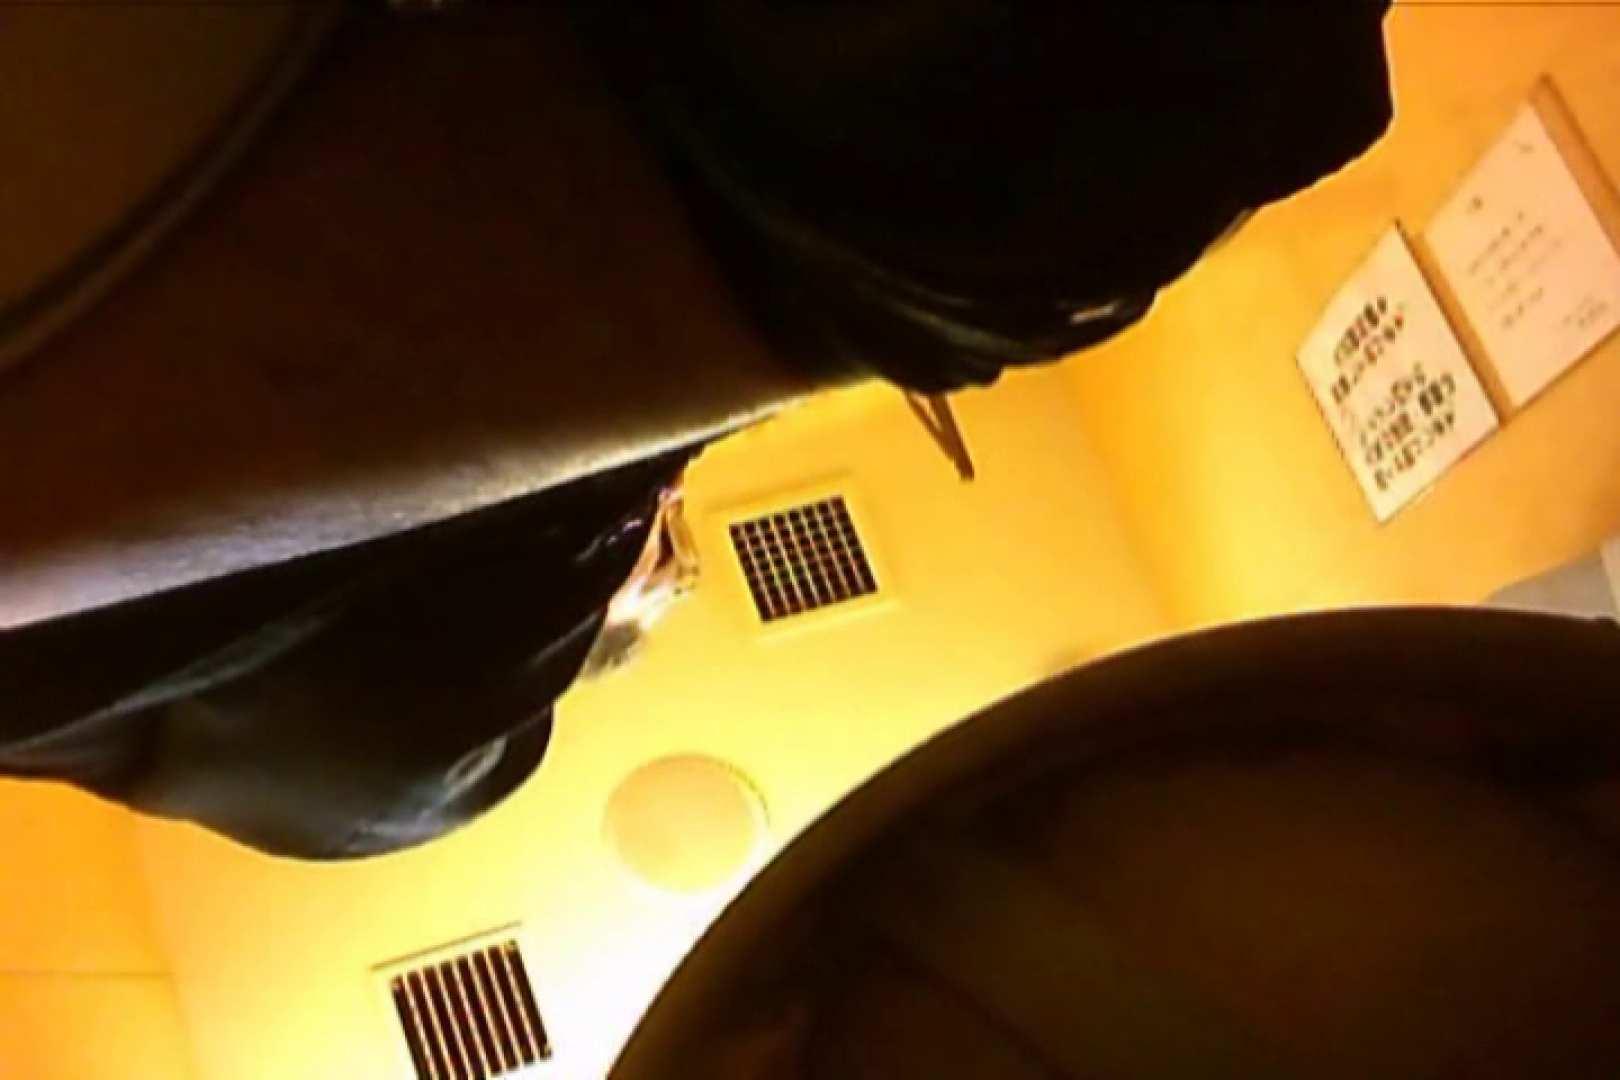 SEASON 2ND!掴み取りさんの洗面所覗き!in新幹線!VOL.04 完全無修正でお届け   ノンケボーイズ  64pic 47